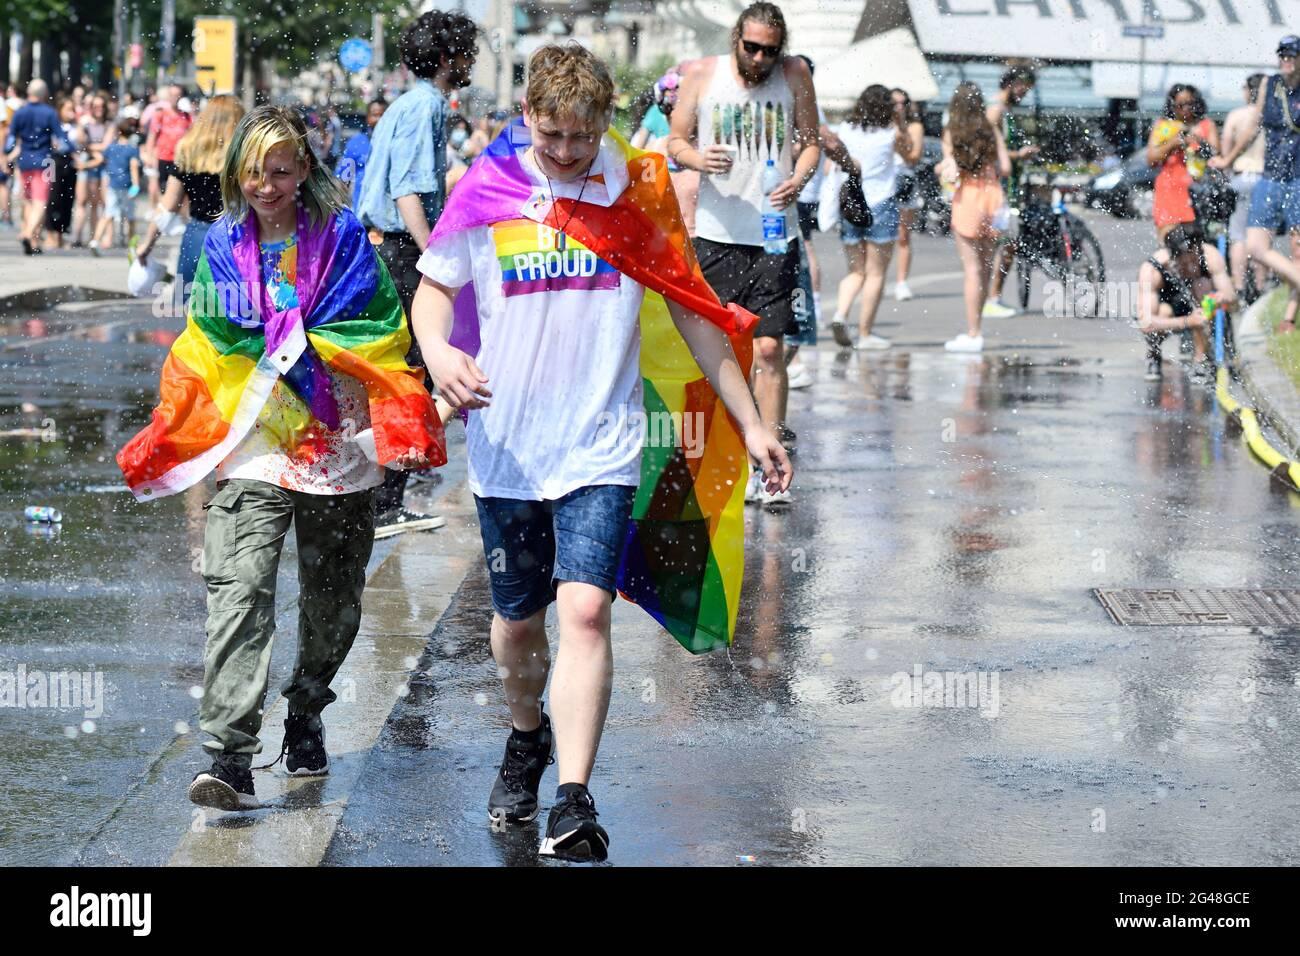 Wien, Österreich. Juni 2021. Zum 25. Mal findet auf der Wiener Ringstraße die Regenbogenparade (Vienna Pride) statt. In diesem Jahr findet die Parade ohne Fahrzeuge statt, also zu Fuß, mit Rollstuhl oder Fahrrad, und kehrt damit zu ihren Wurzeln zurück. Stockfoto